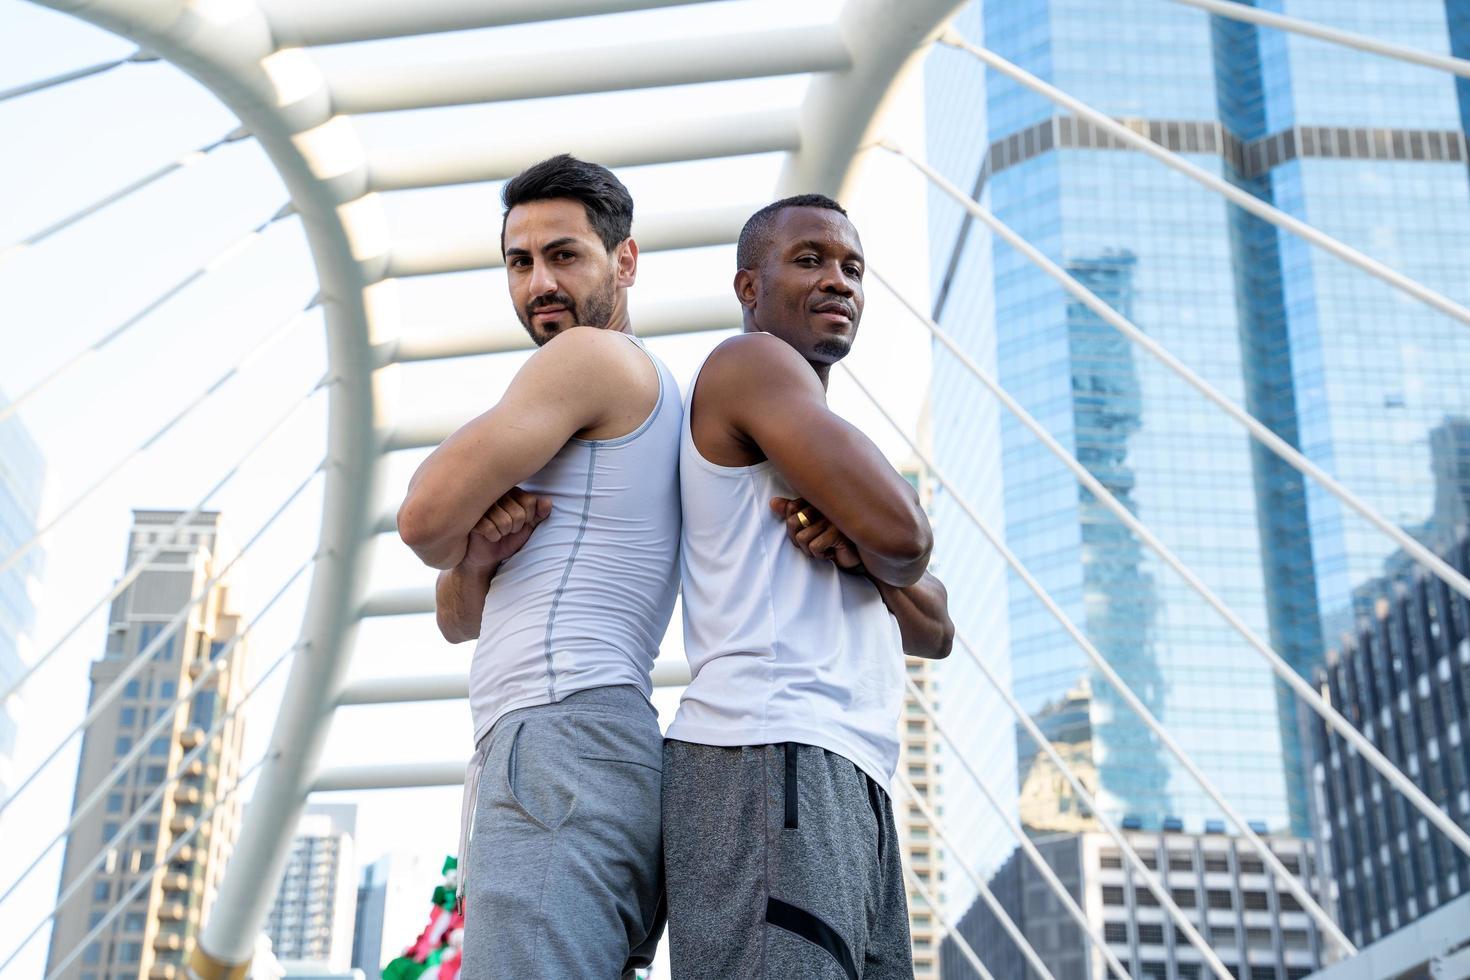 dos hombres de pie espalda con espalda en ropa deportiva foto